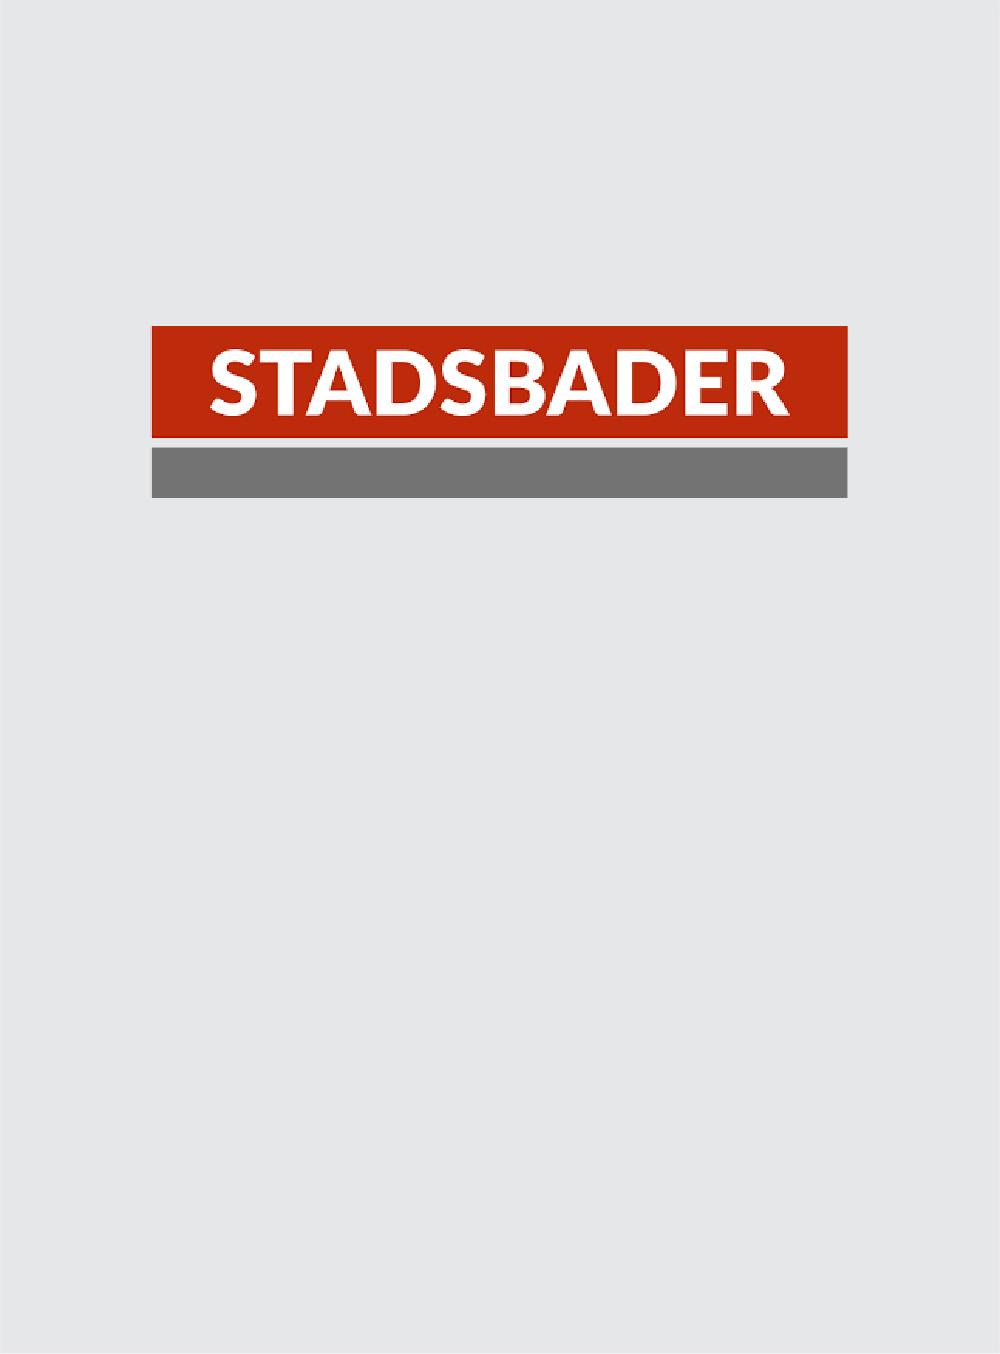 Logo Stadsbader